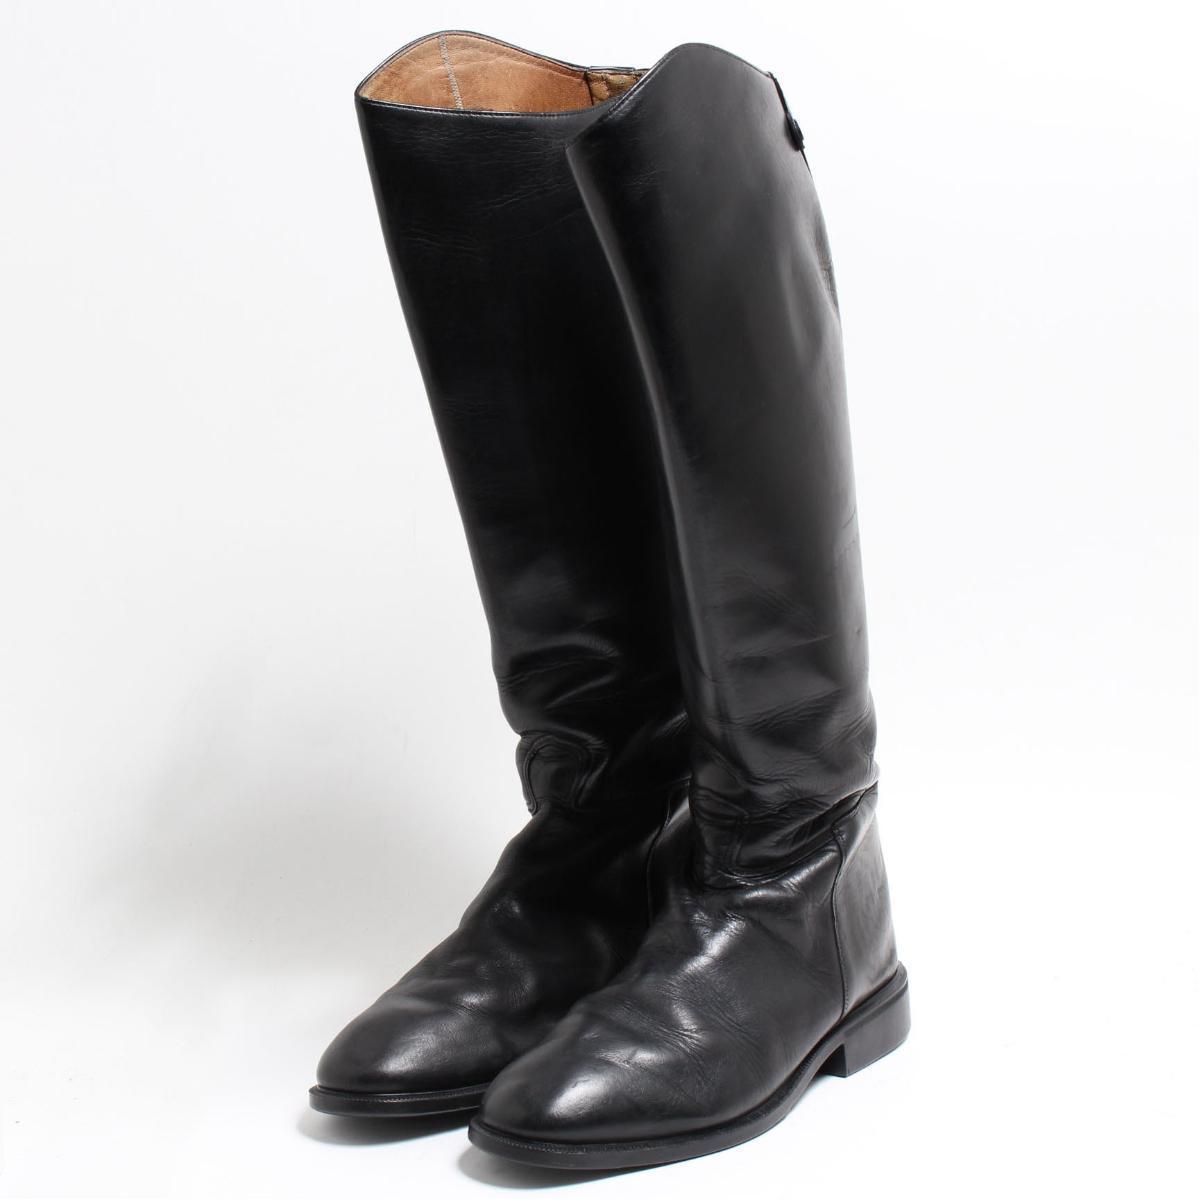 カバロ Cavallo ジョッキー乗馬ブーツ 6.5 レディース24.0cm /bon6777 【中古】 【180906】